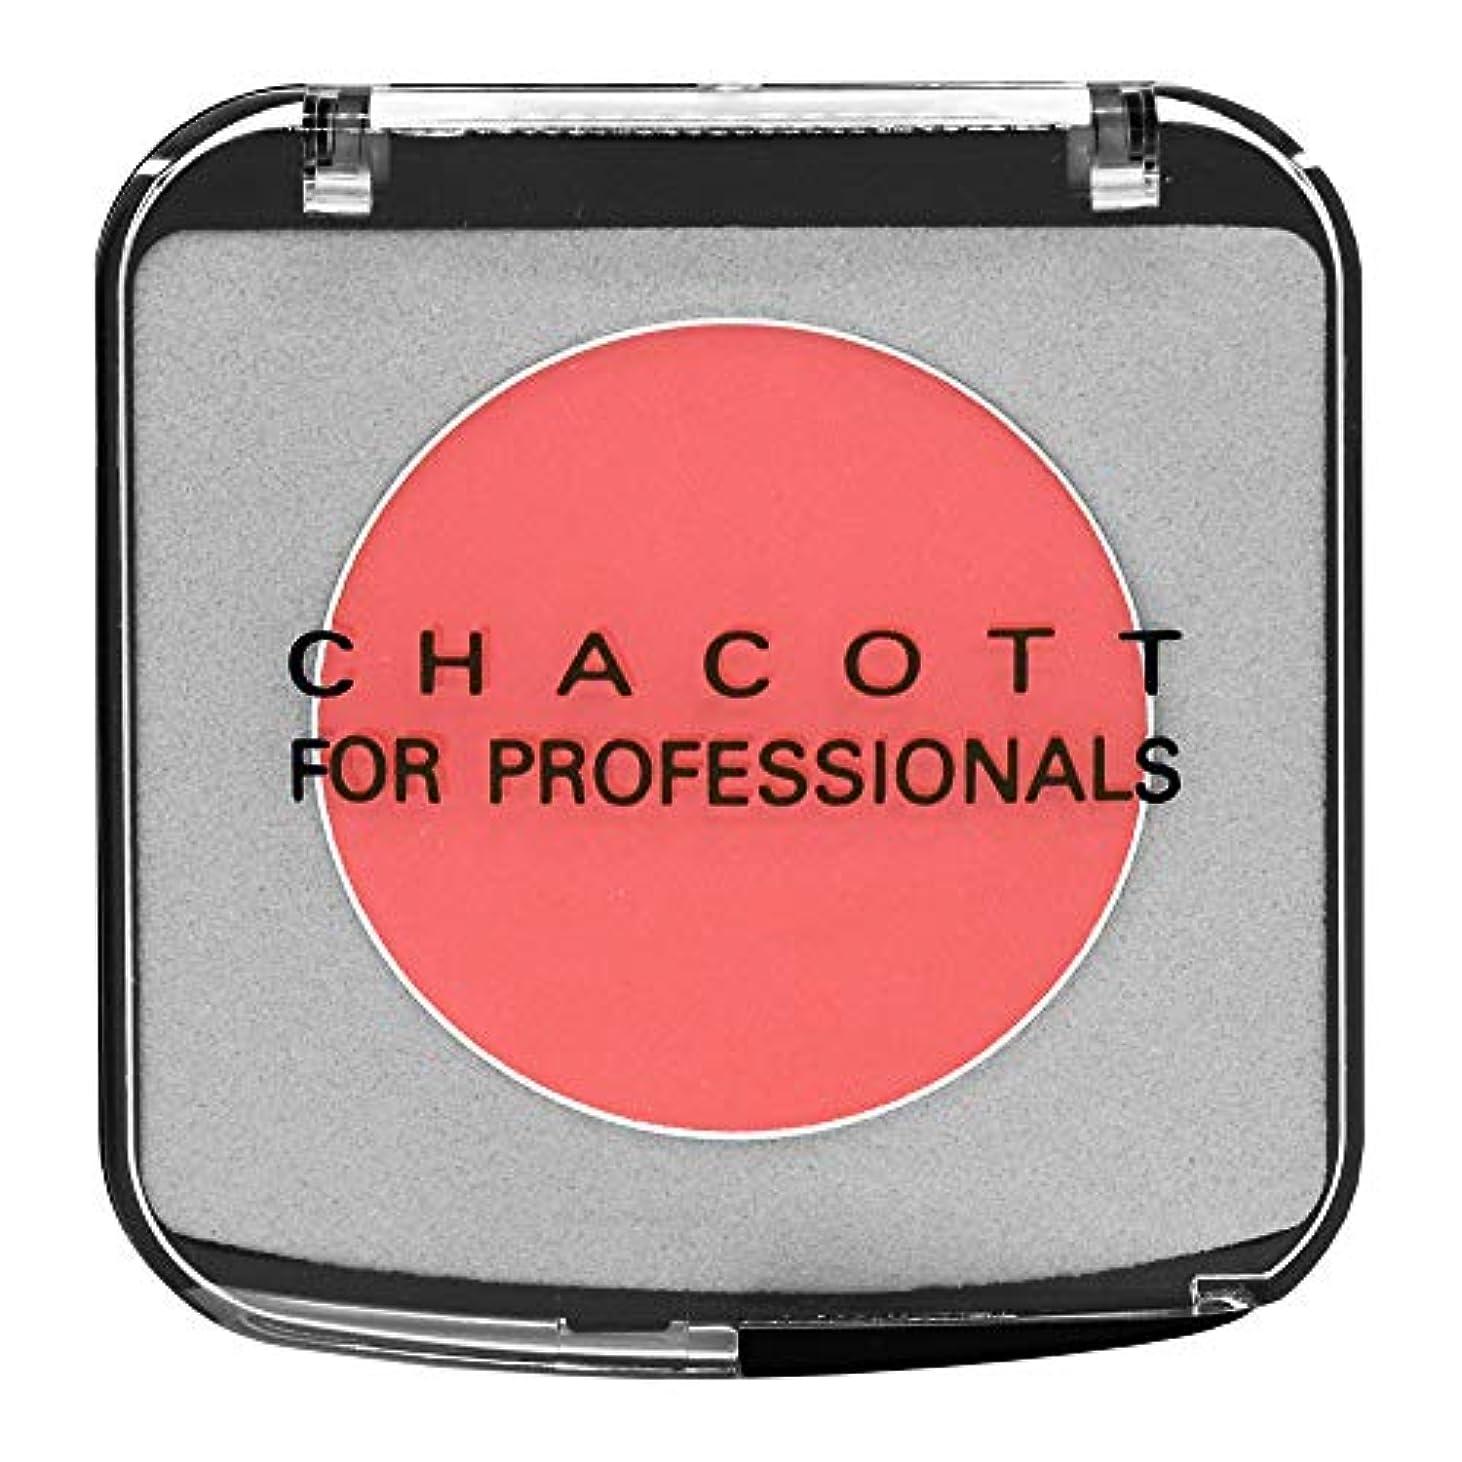 飲み込む思い出させる酒CHACOTT<チャコット> カラーバリエーション 620.ブリックレッド